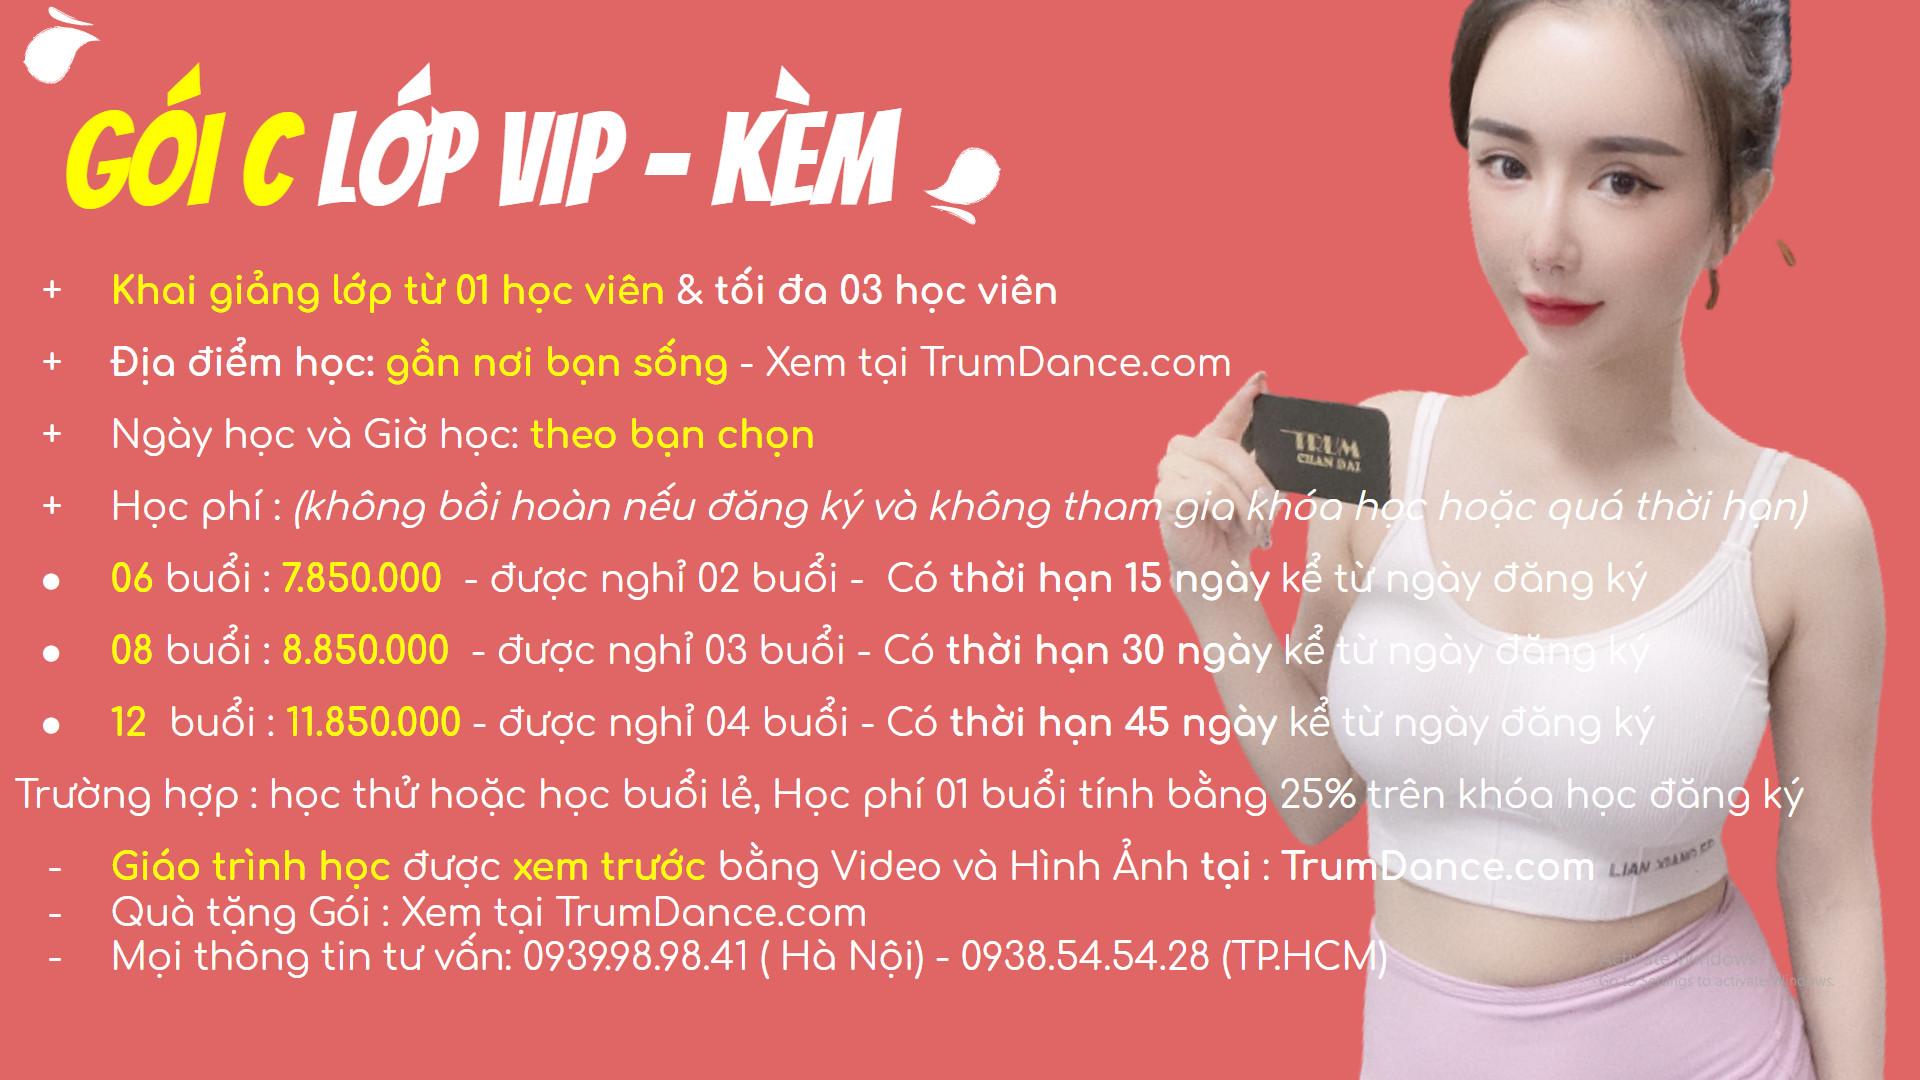 Bảng học phí học nhảy Trumdance - Lớp VIP - KÈM